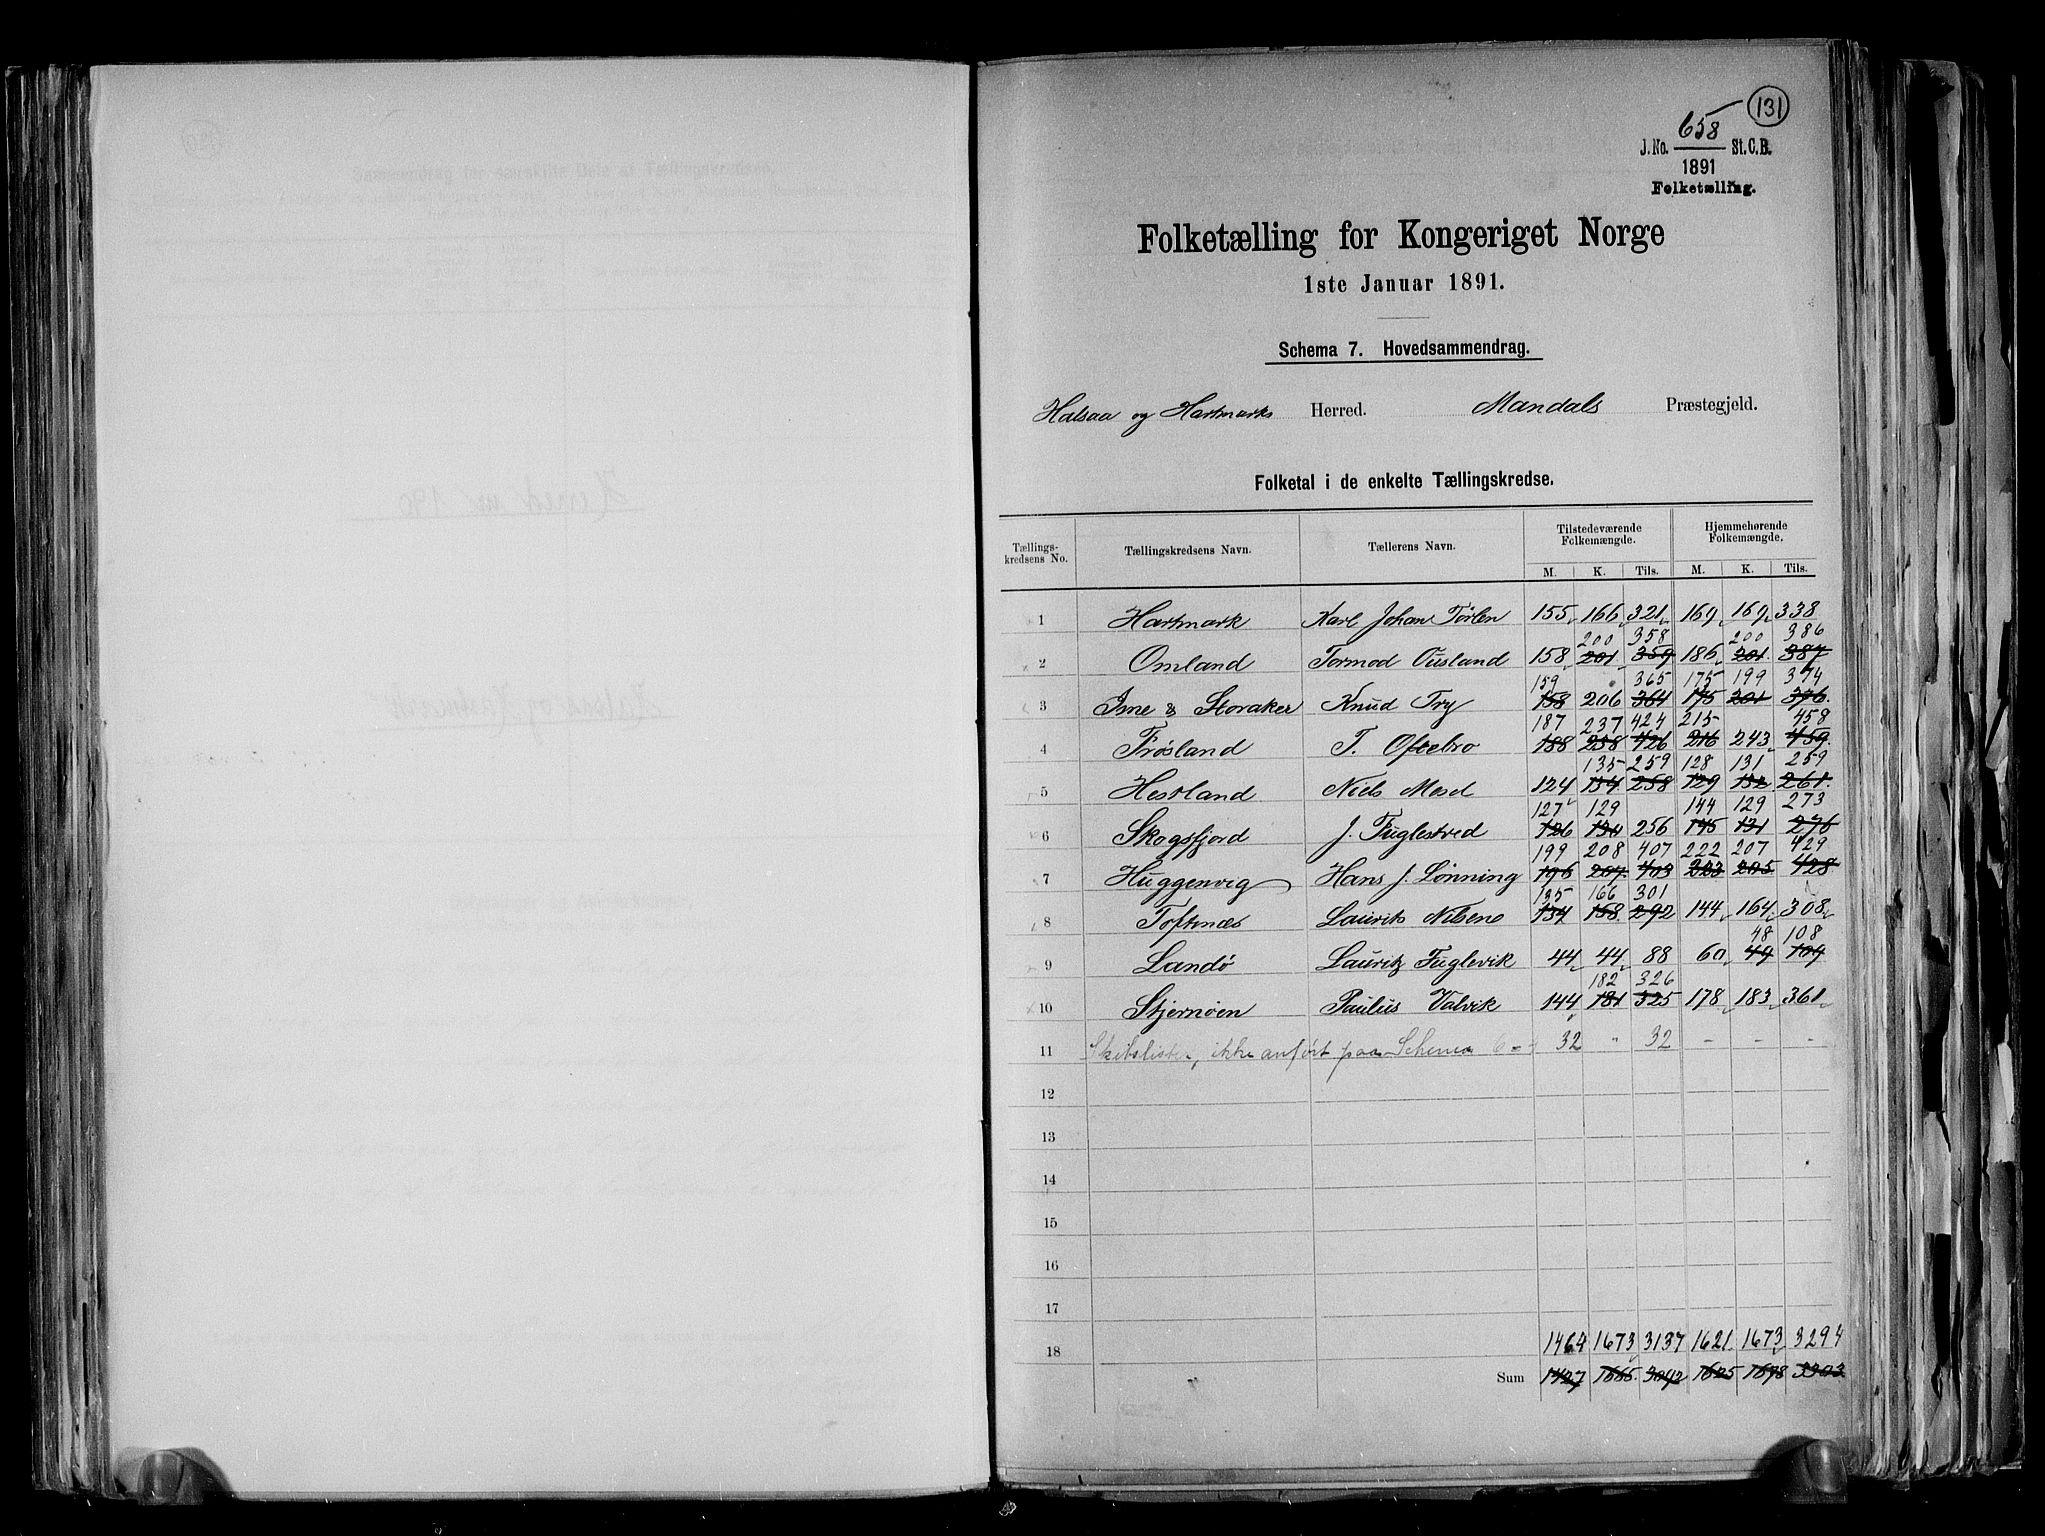 RA, Folketelling 1891 for 1019 Halse og Harkmark herred, 1891, s. 2